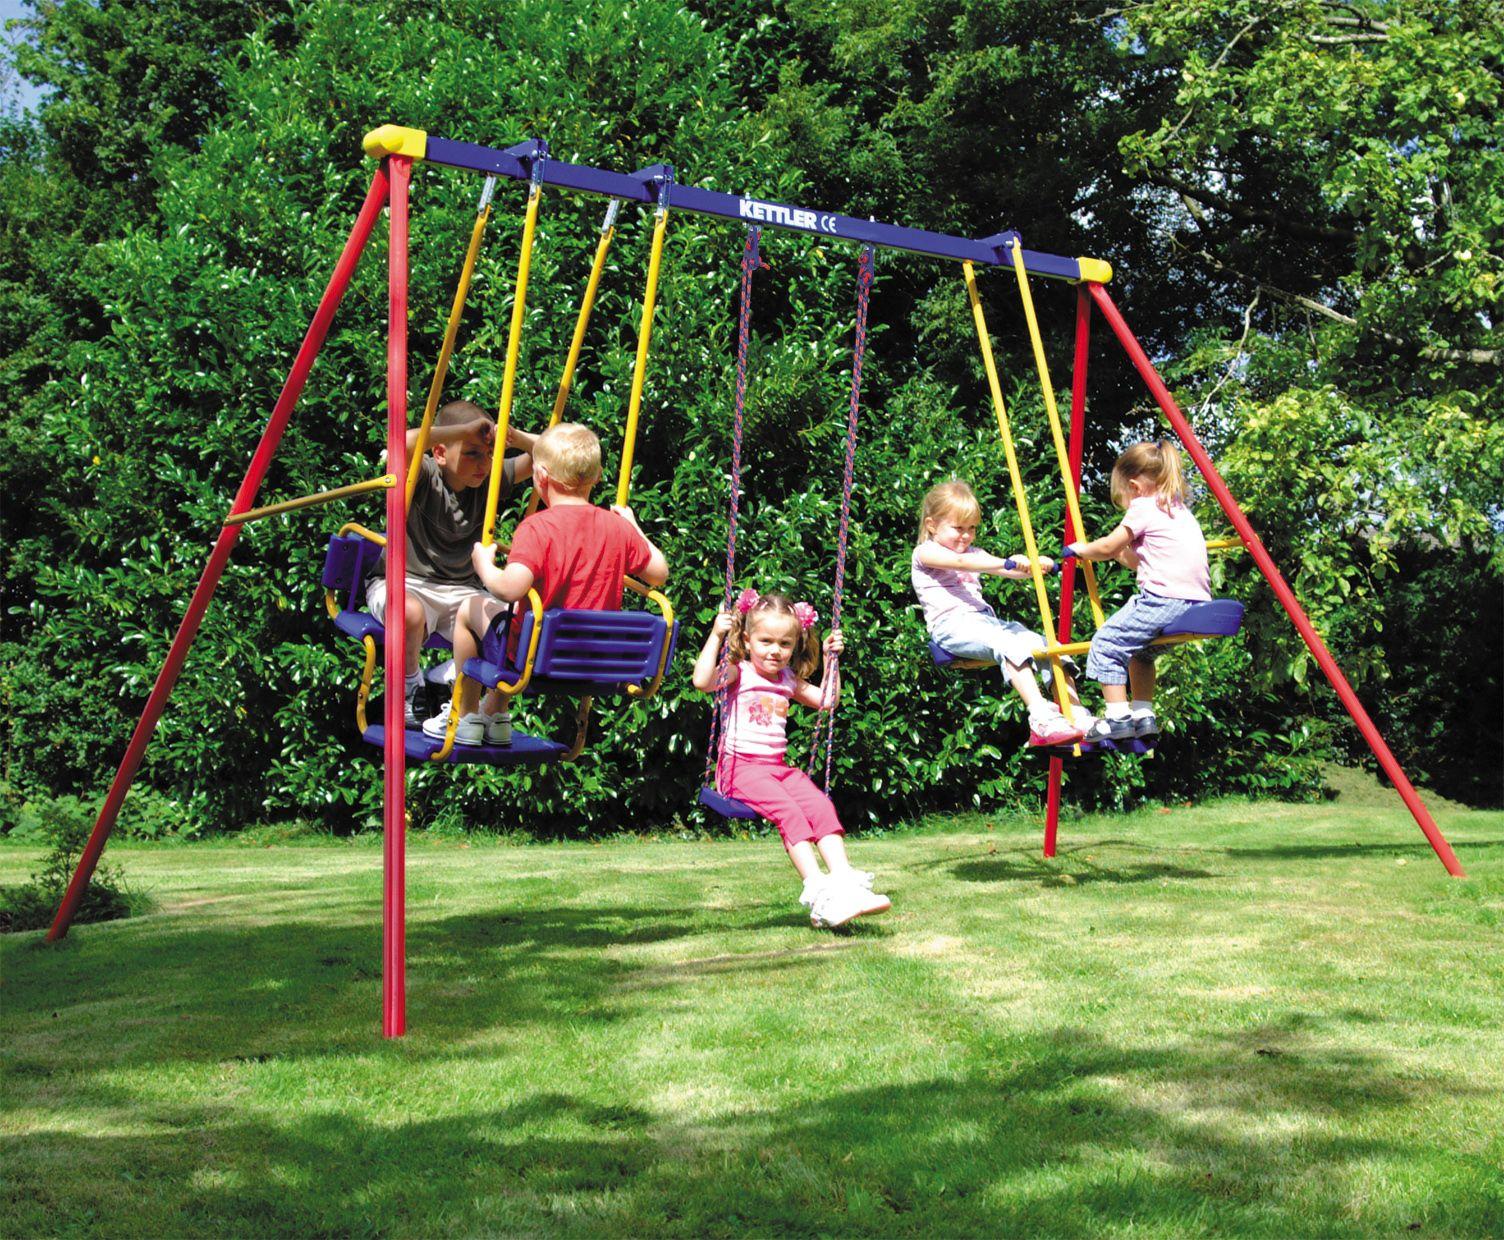 Swinging at the playground